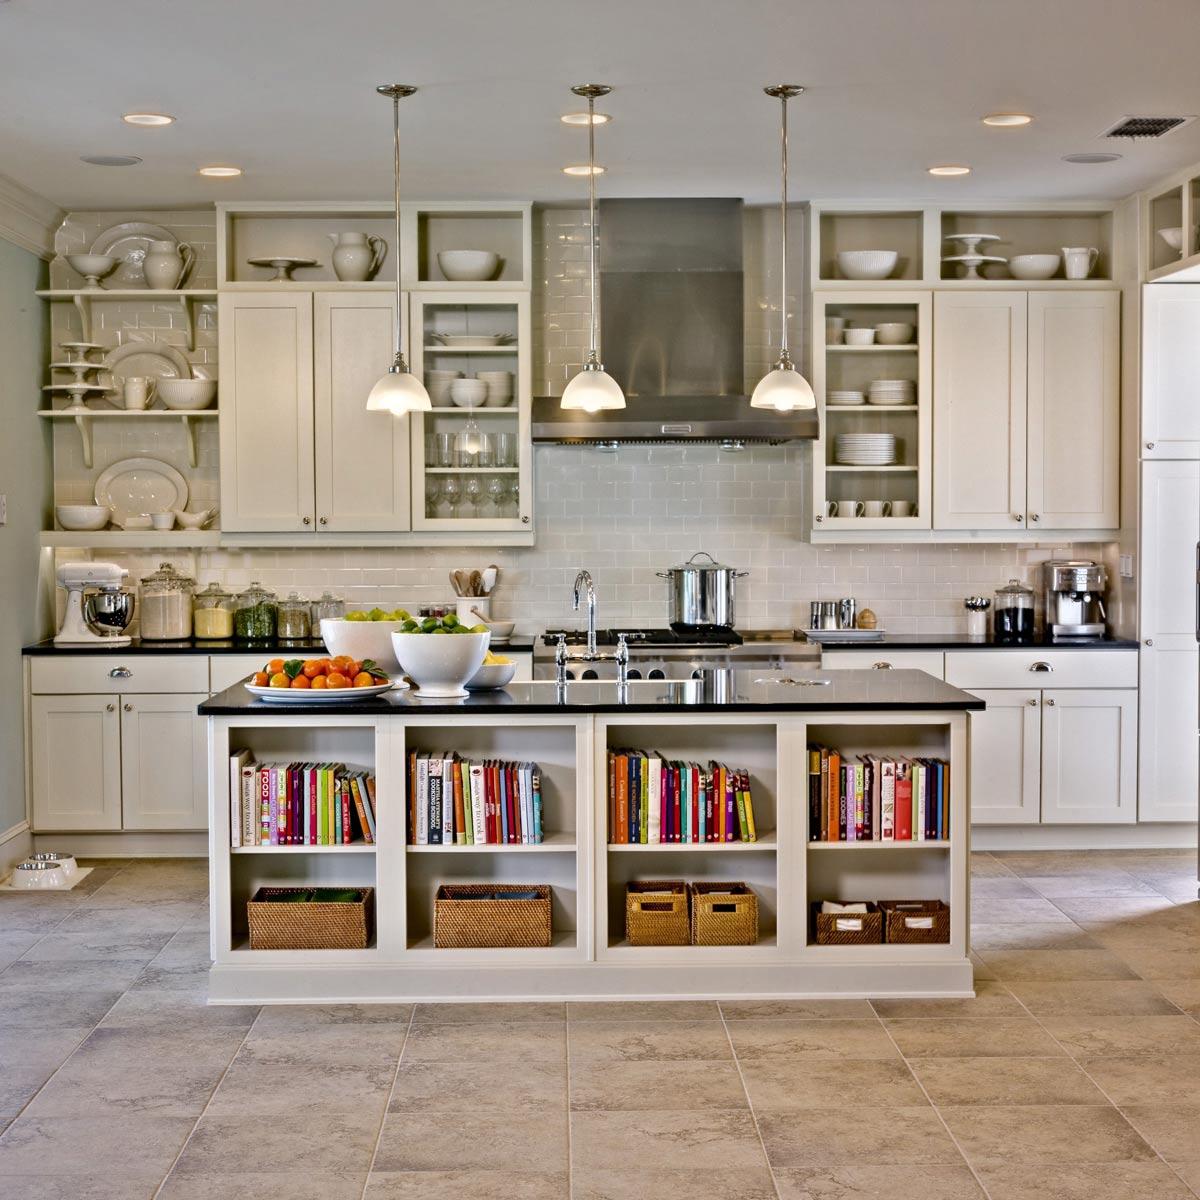 một căn bếp với gạch ốp đẹp có thể làm cho người nấu ăn có cảm hứng làm bếp và thêm yêu việc nấu những bữa ăn thật ngon cho gia đình và những người thân yêu